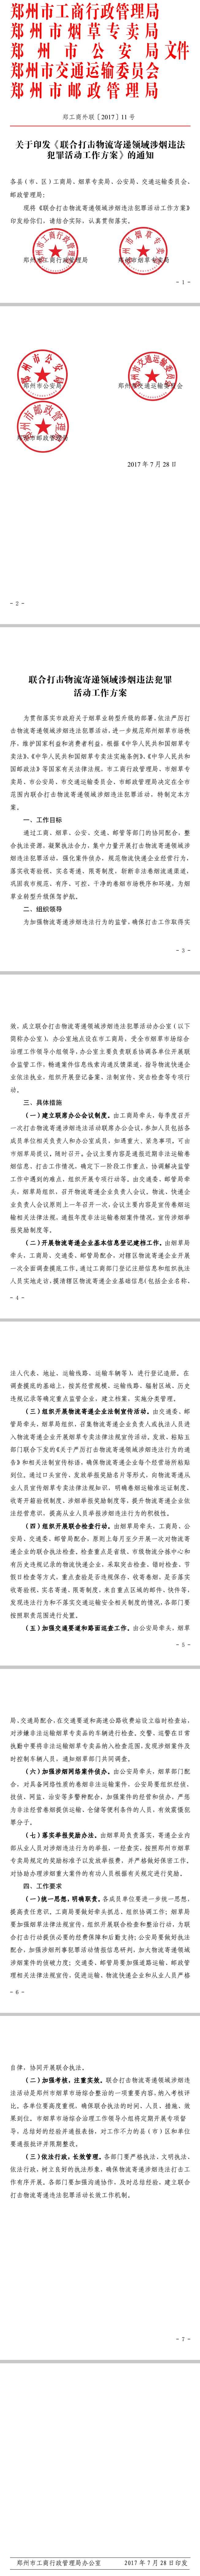 郑工商外联〔2017〕11号《郑州市工商局等5部门关于印发〈联合打击物流寄递领域涉烟违法犯罪活动工作方案〉的通知》